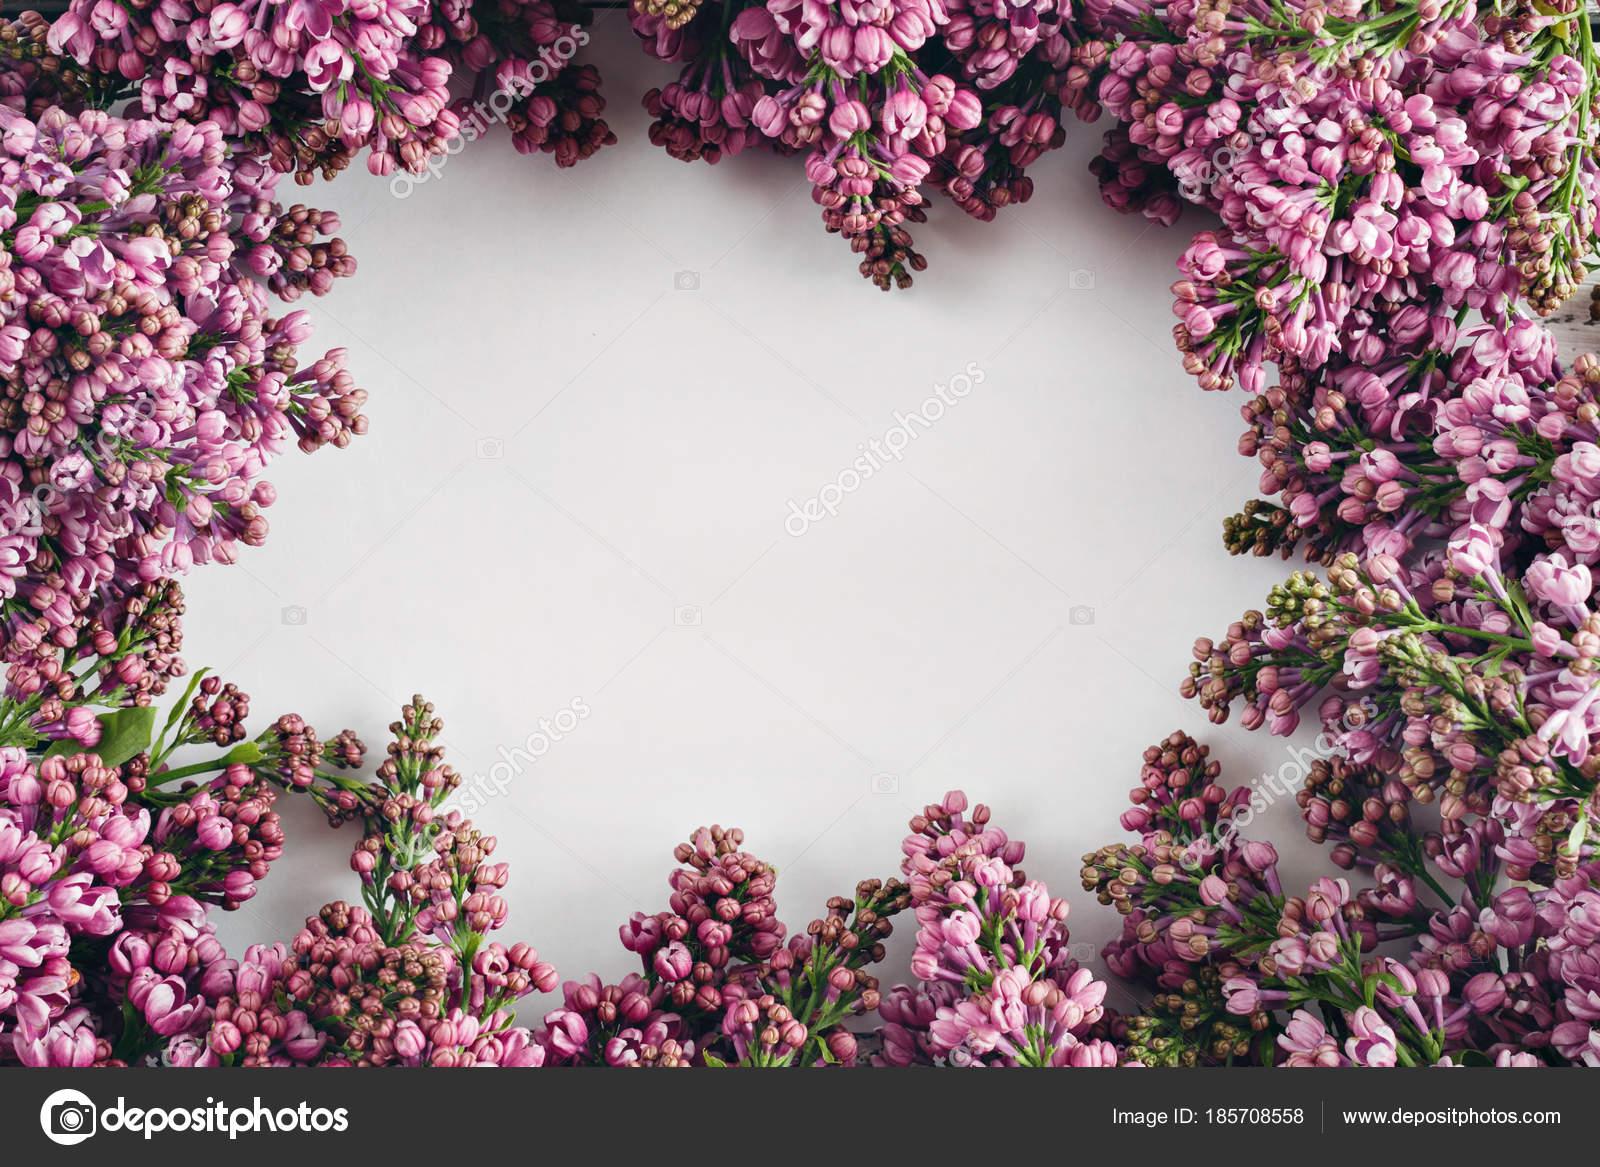 Цветы в питомниках в горшках